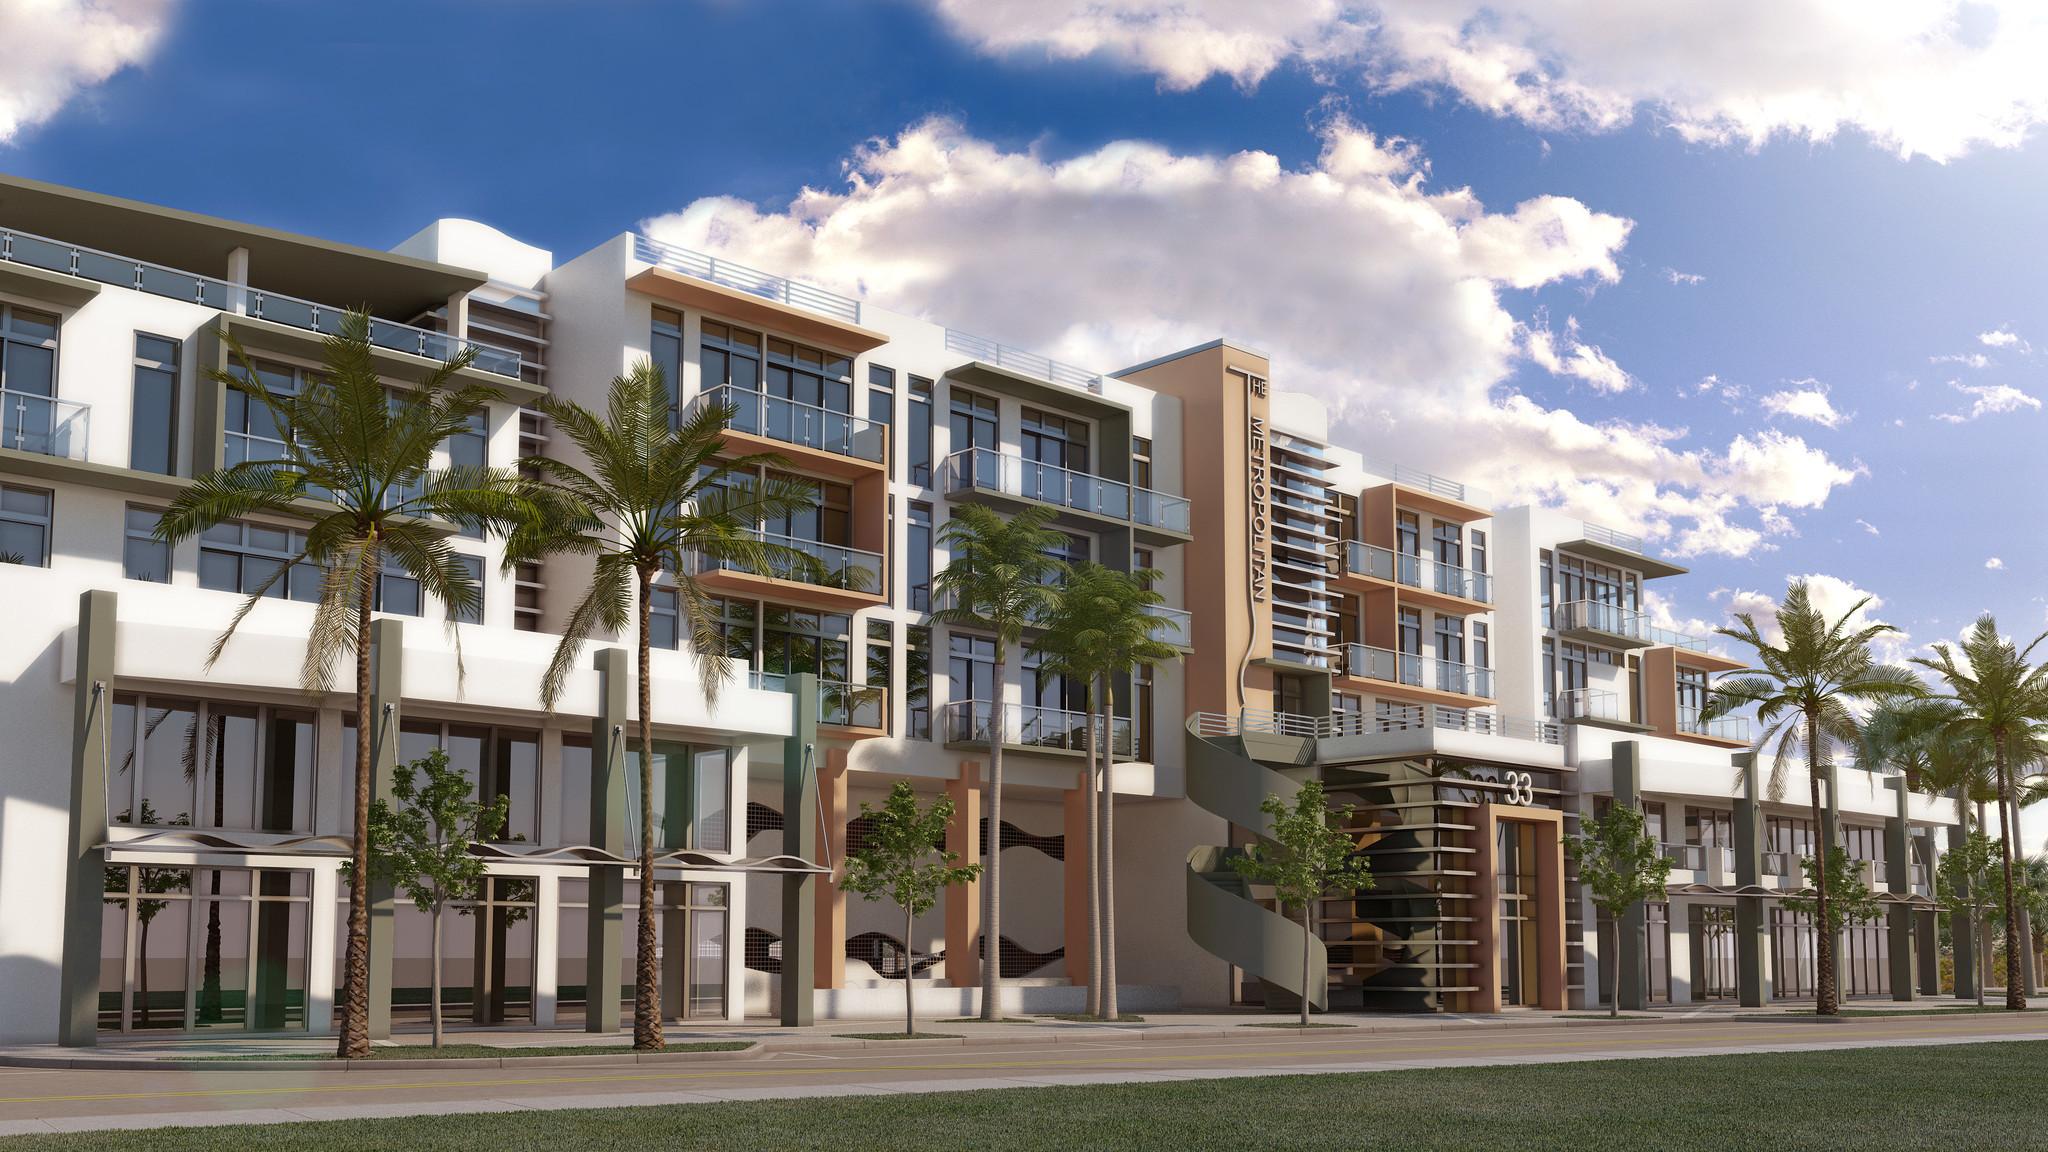 Delray Beach Condo Nears Sales Launch Sun Sentinel